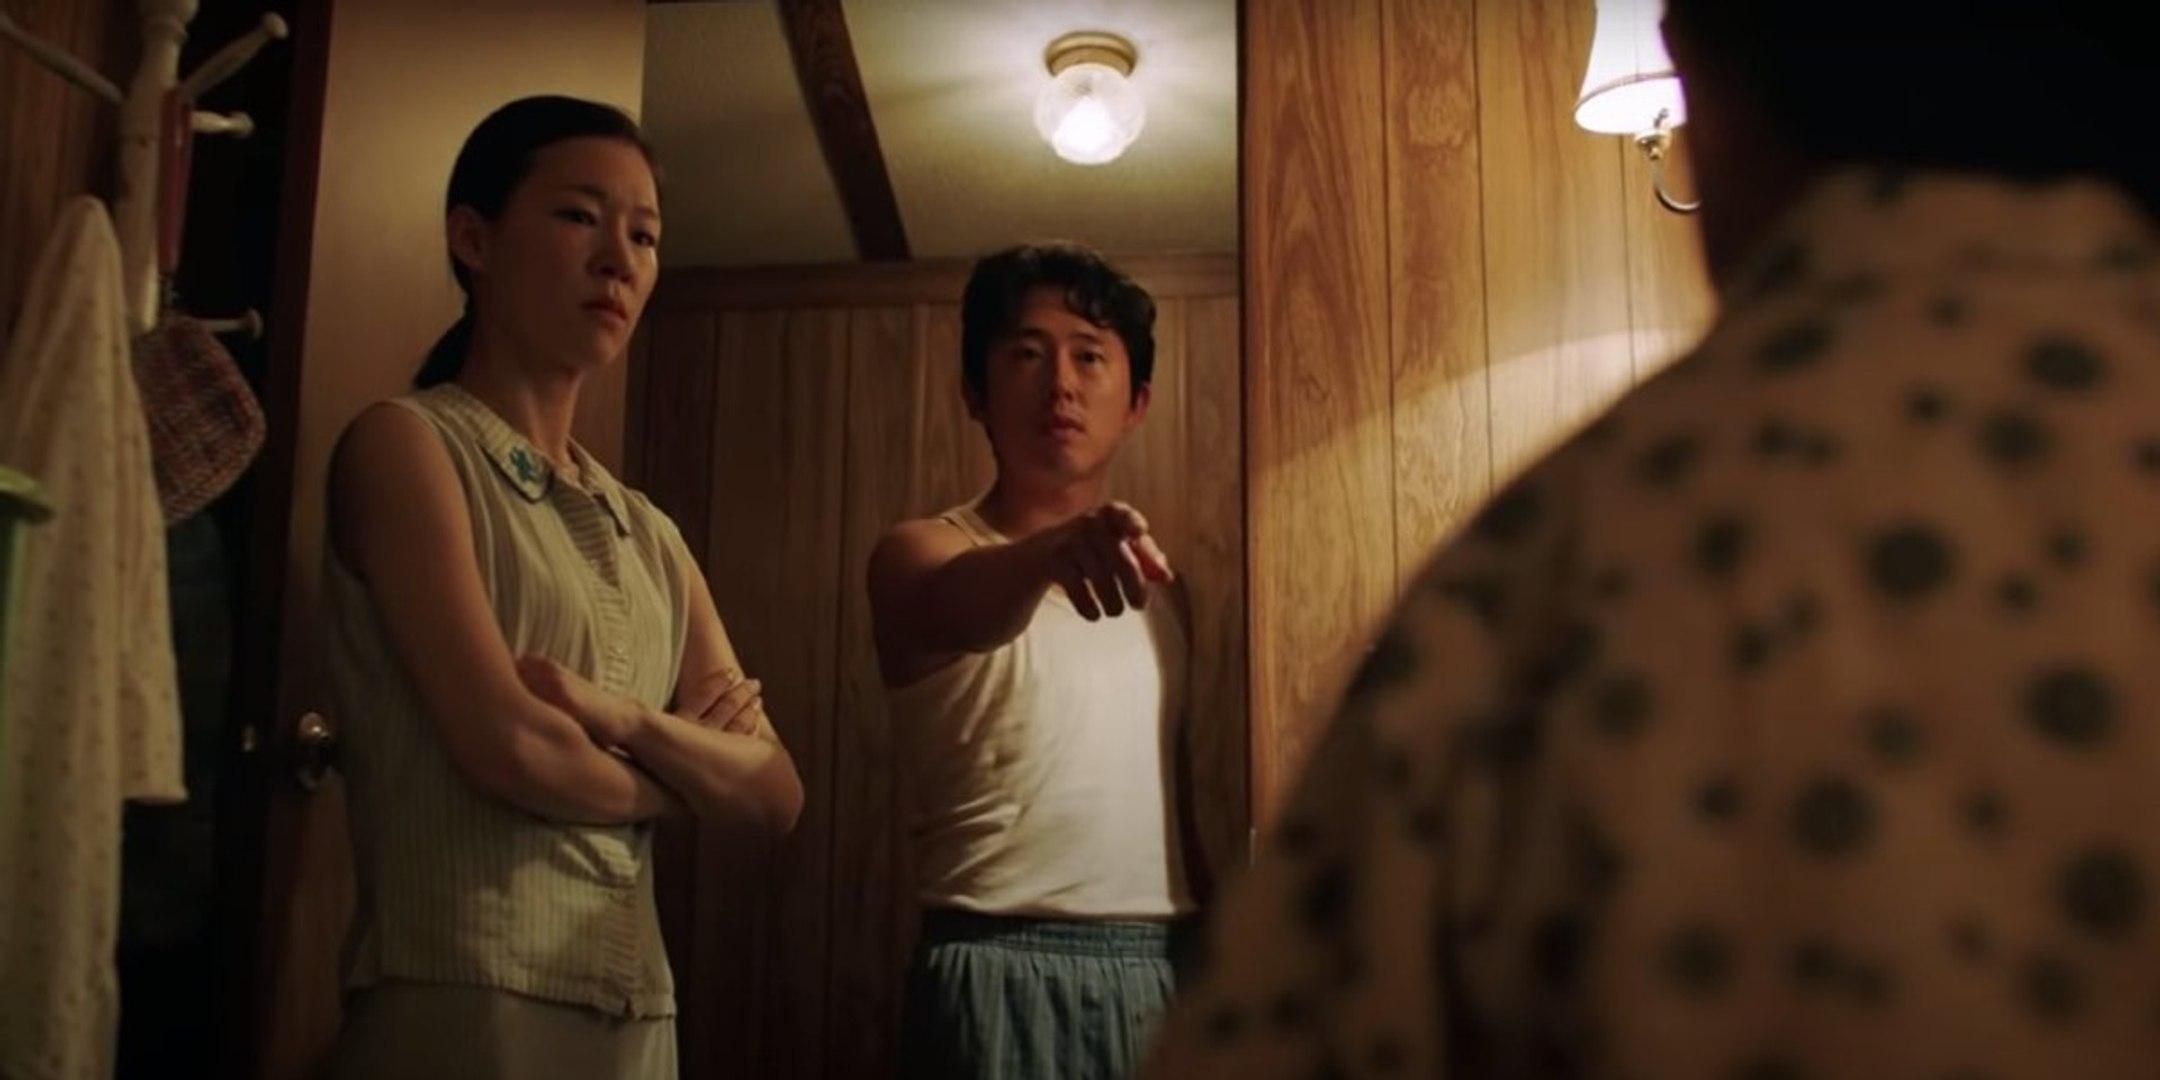 Minari. Historia de mi familia - Trailer español - Vídeo Dailymotion